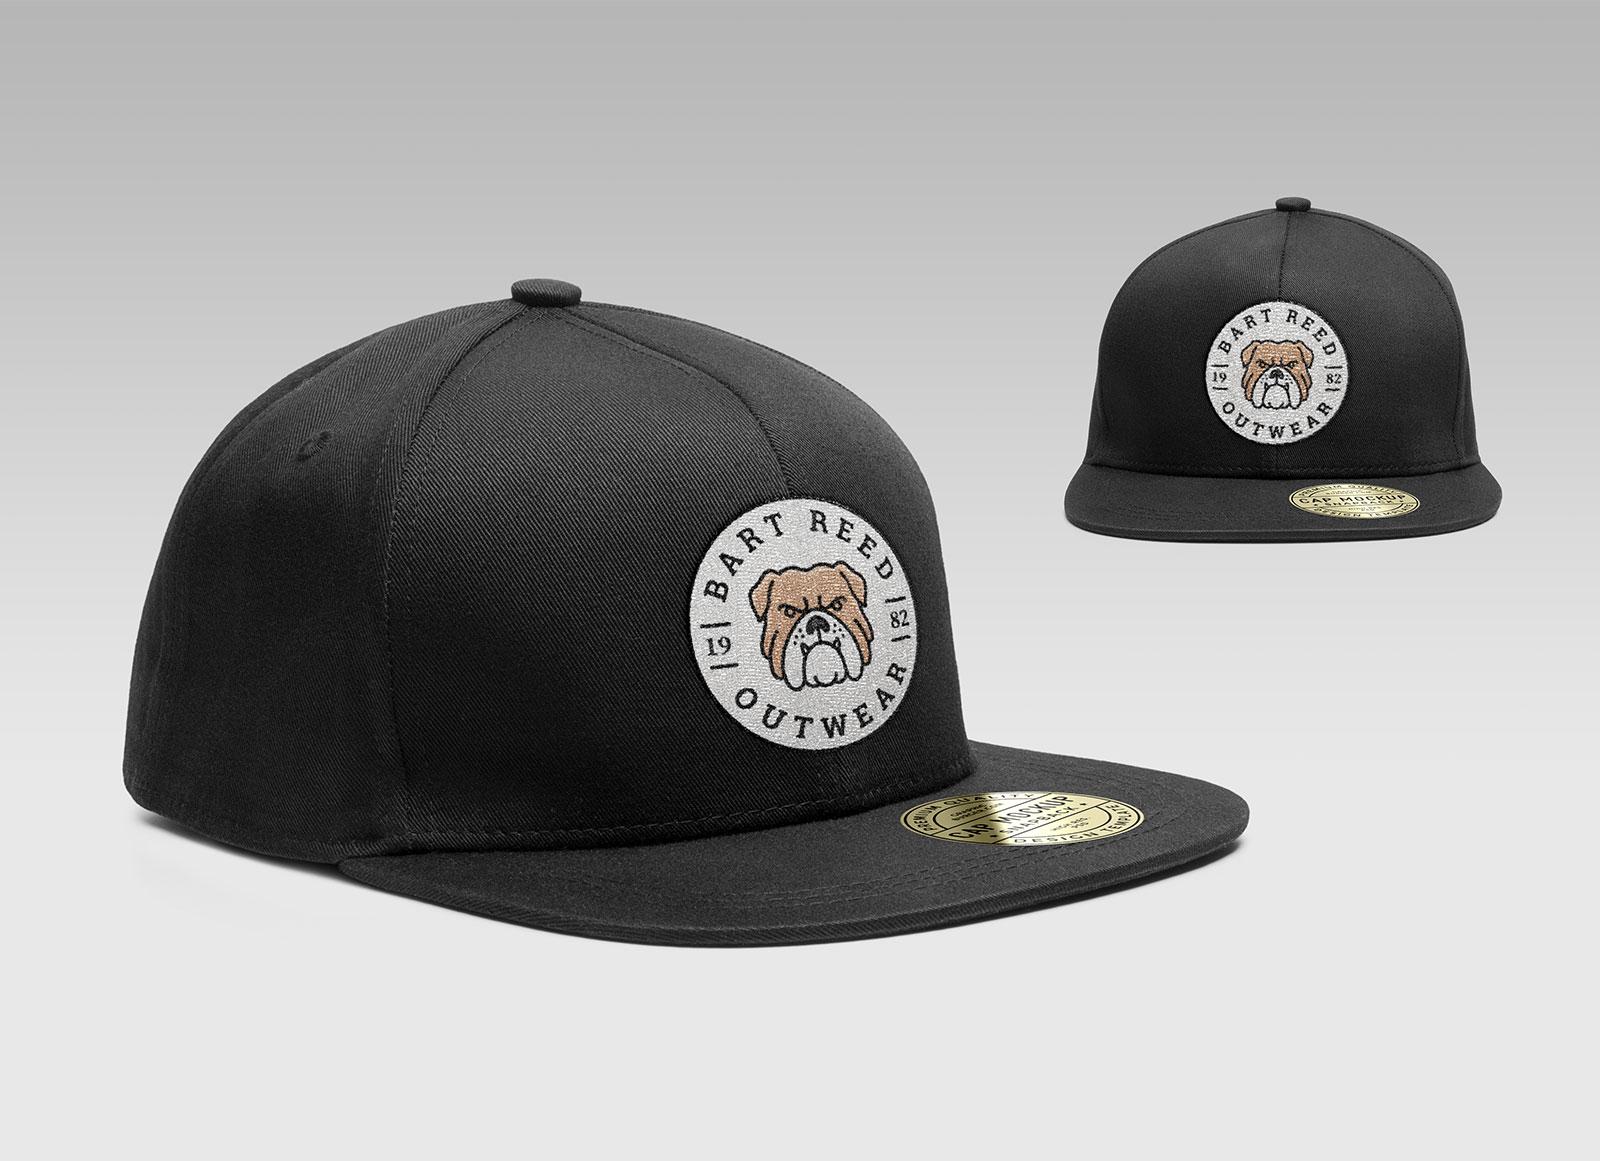 Free-Snapback-Men's-Cap-Mockup-PSD-With-Woven-Logo-4